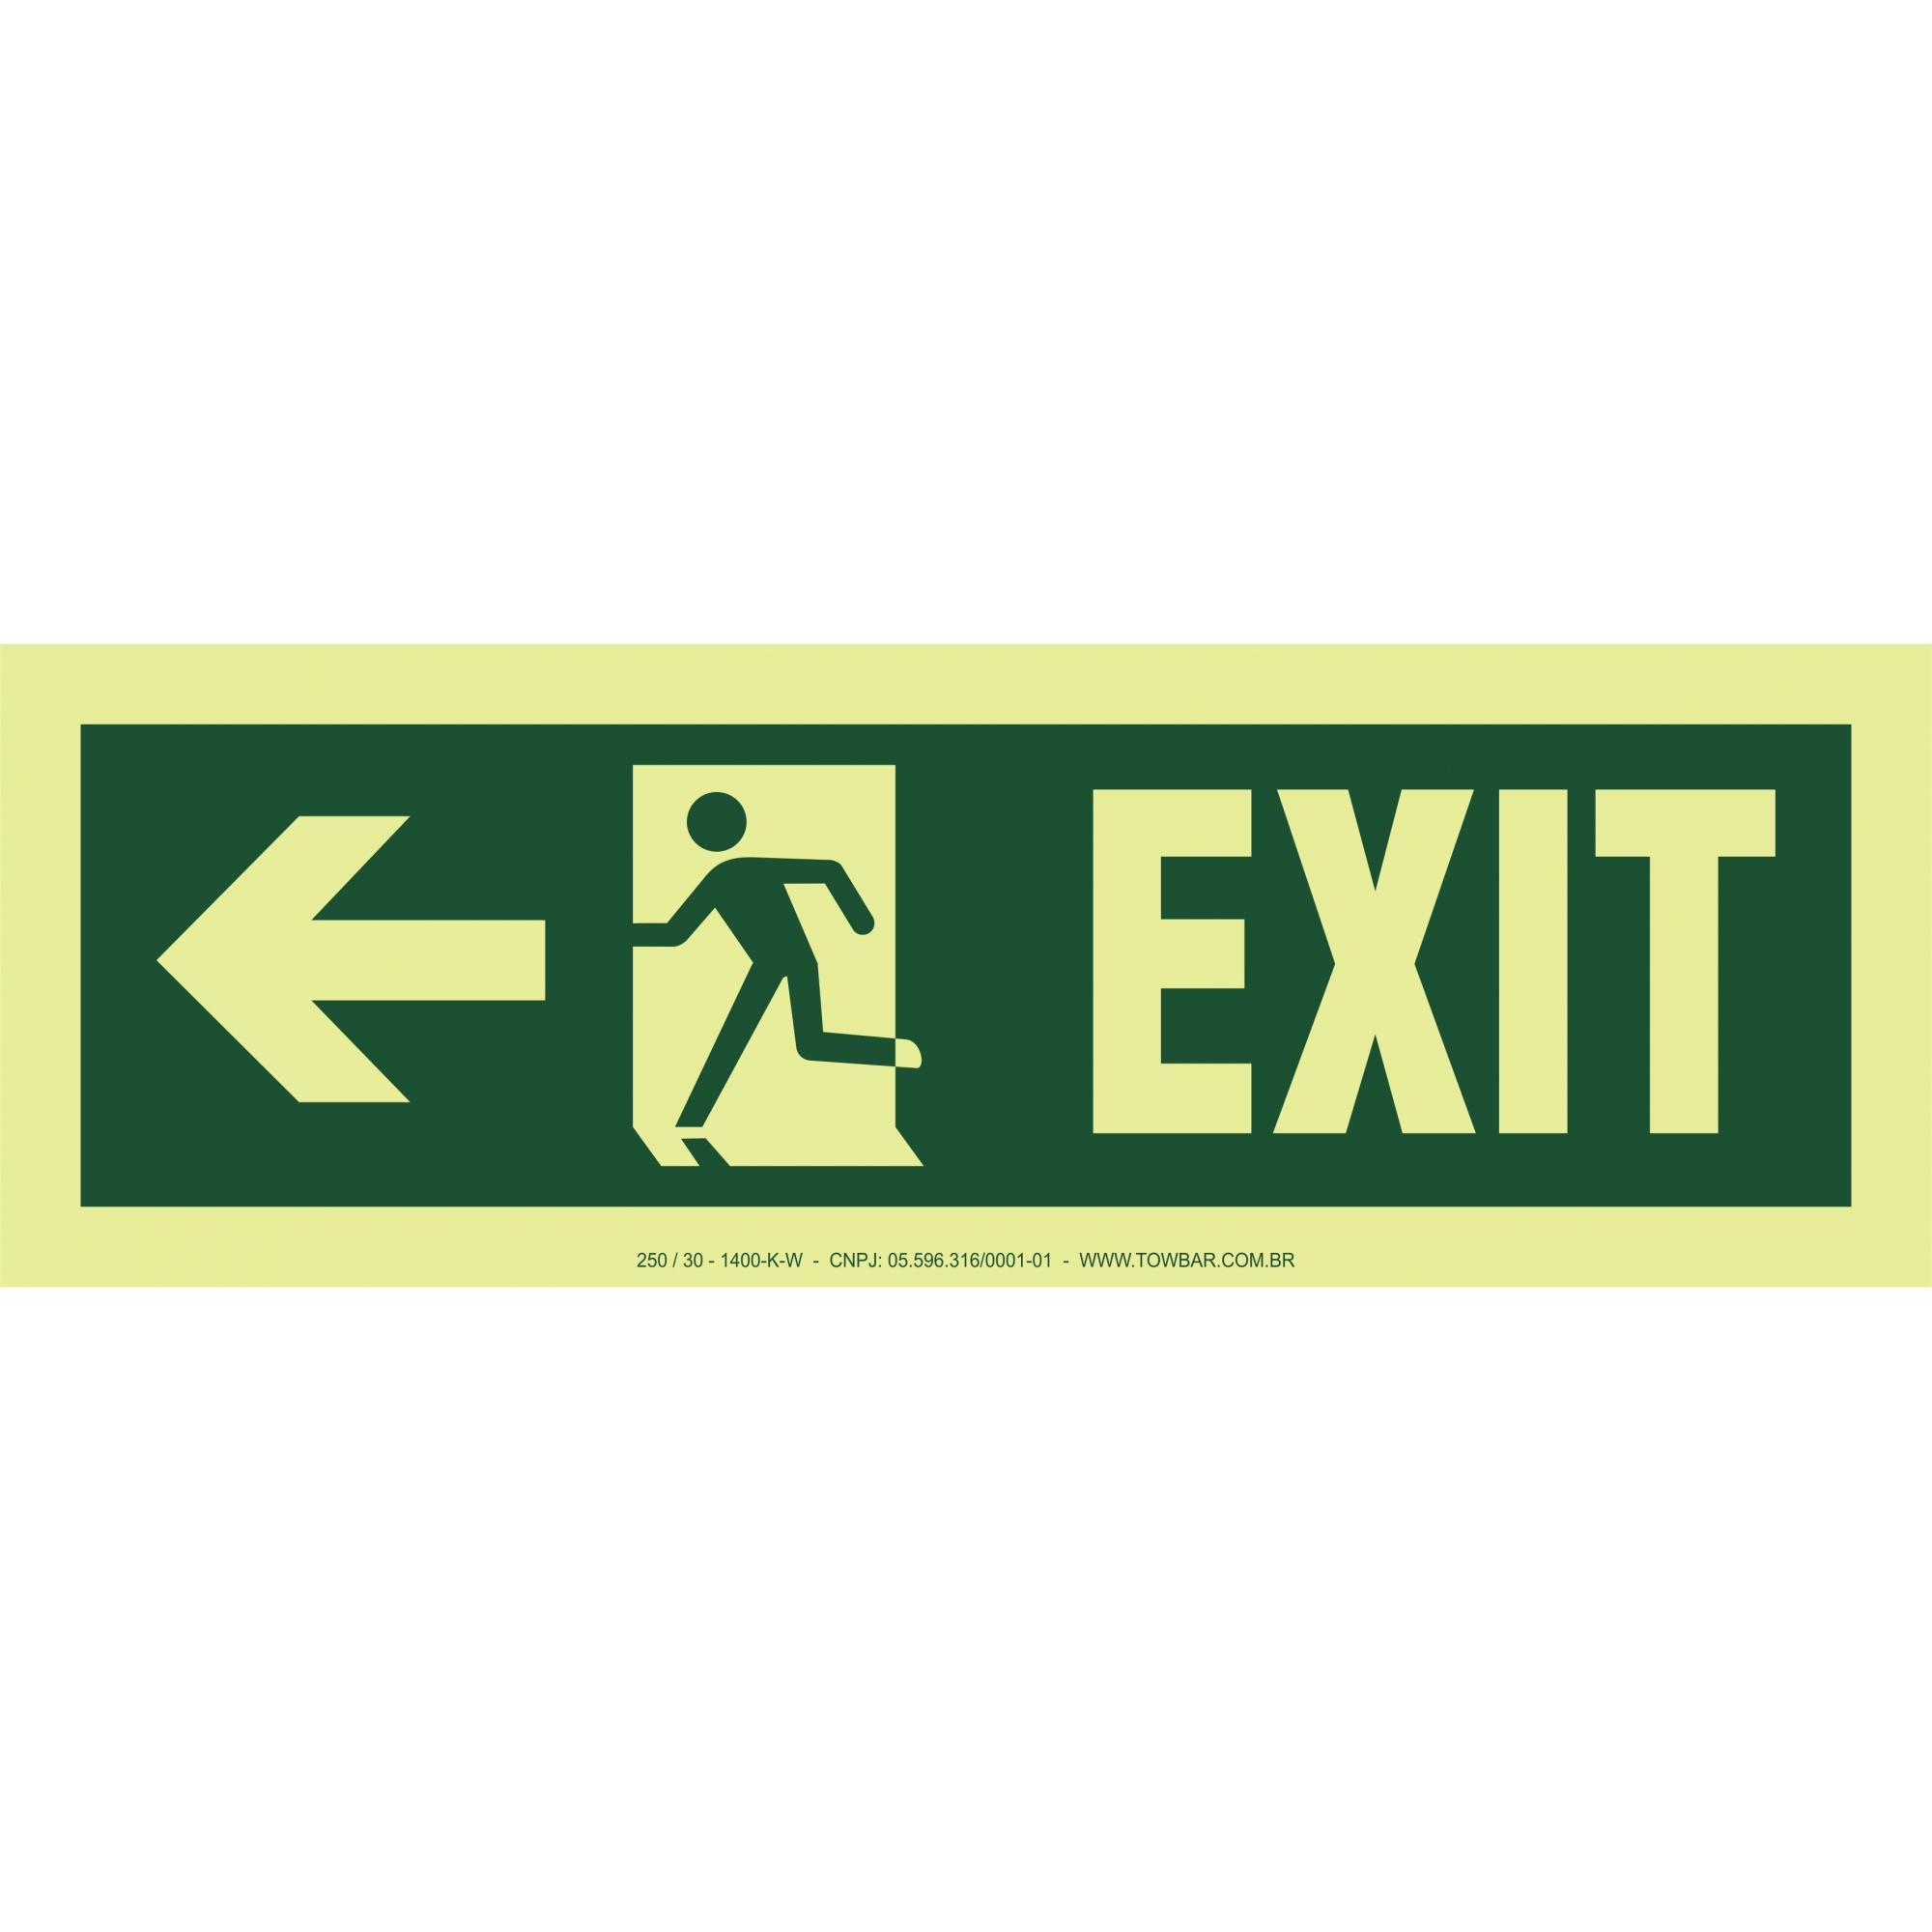 Exit Right-man Run Left-arrow Left  - Towbar Sinalização de Segurança